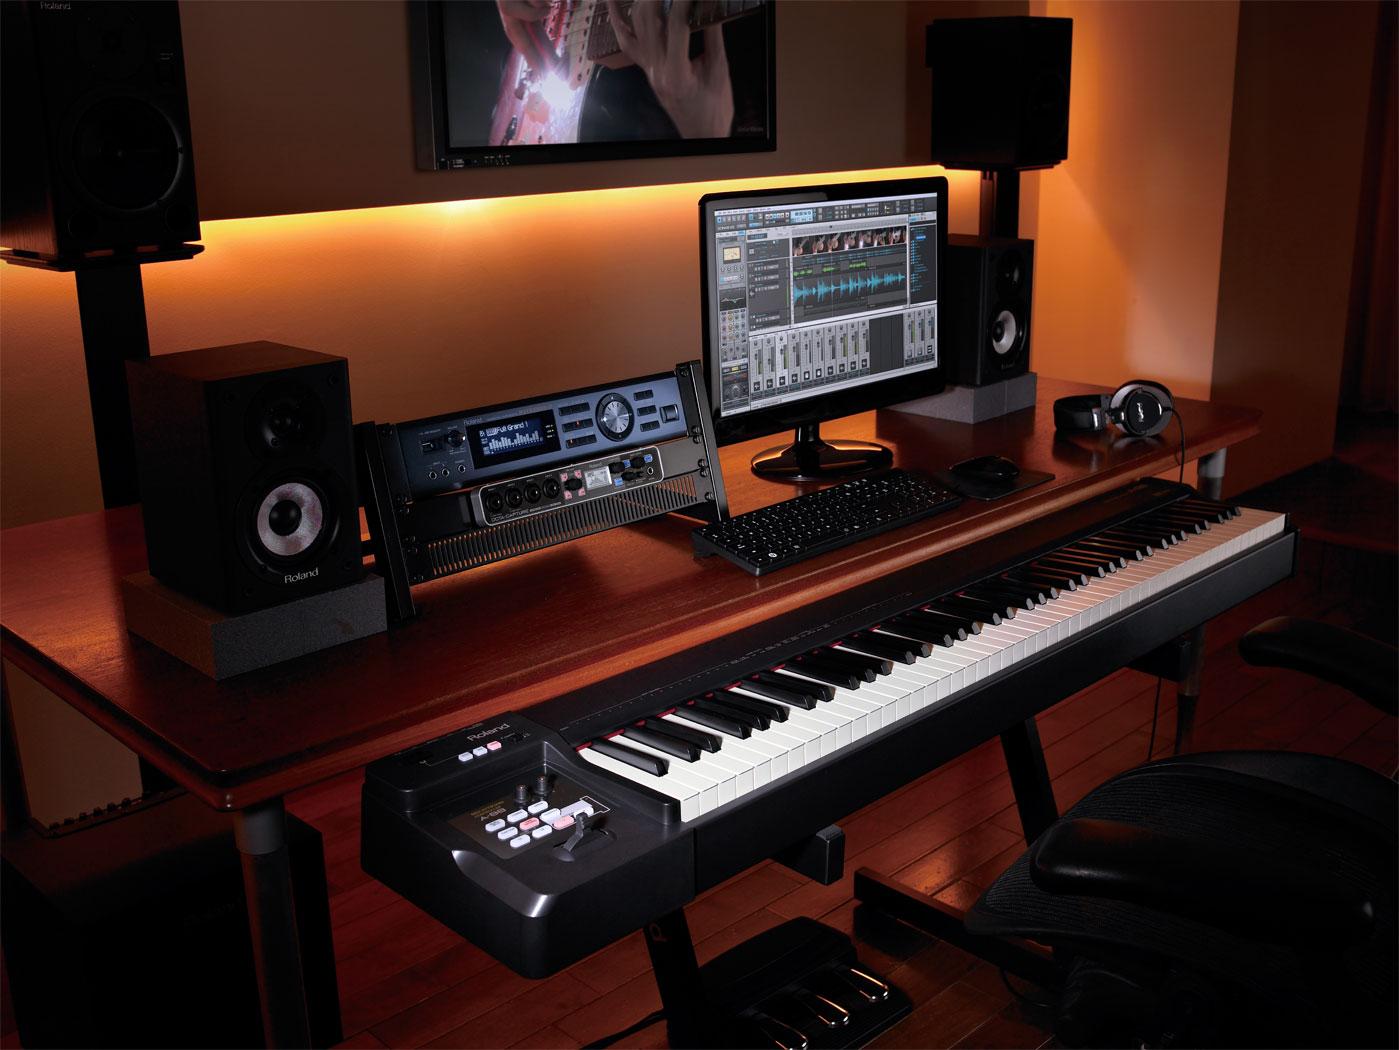 Roland Octa Capture Y 252 Ksek Hızlı Usb Ses Aray 252 Z 252